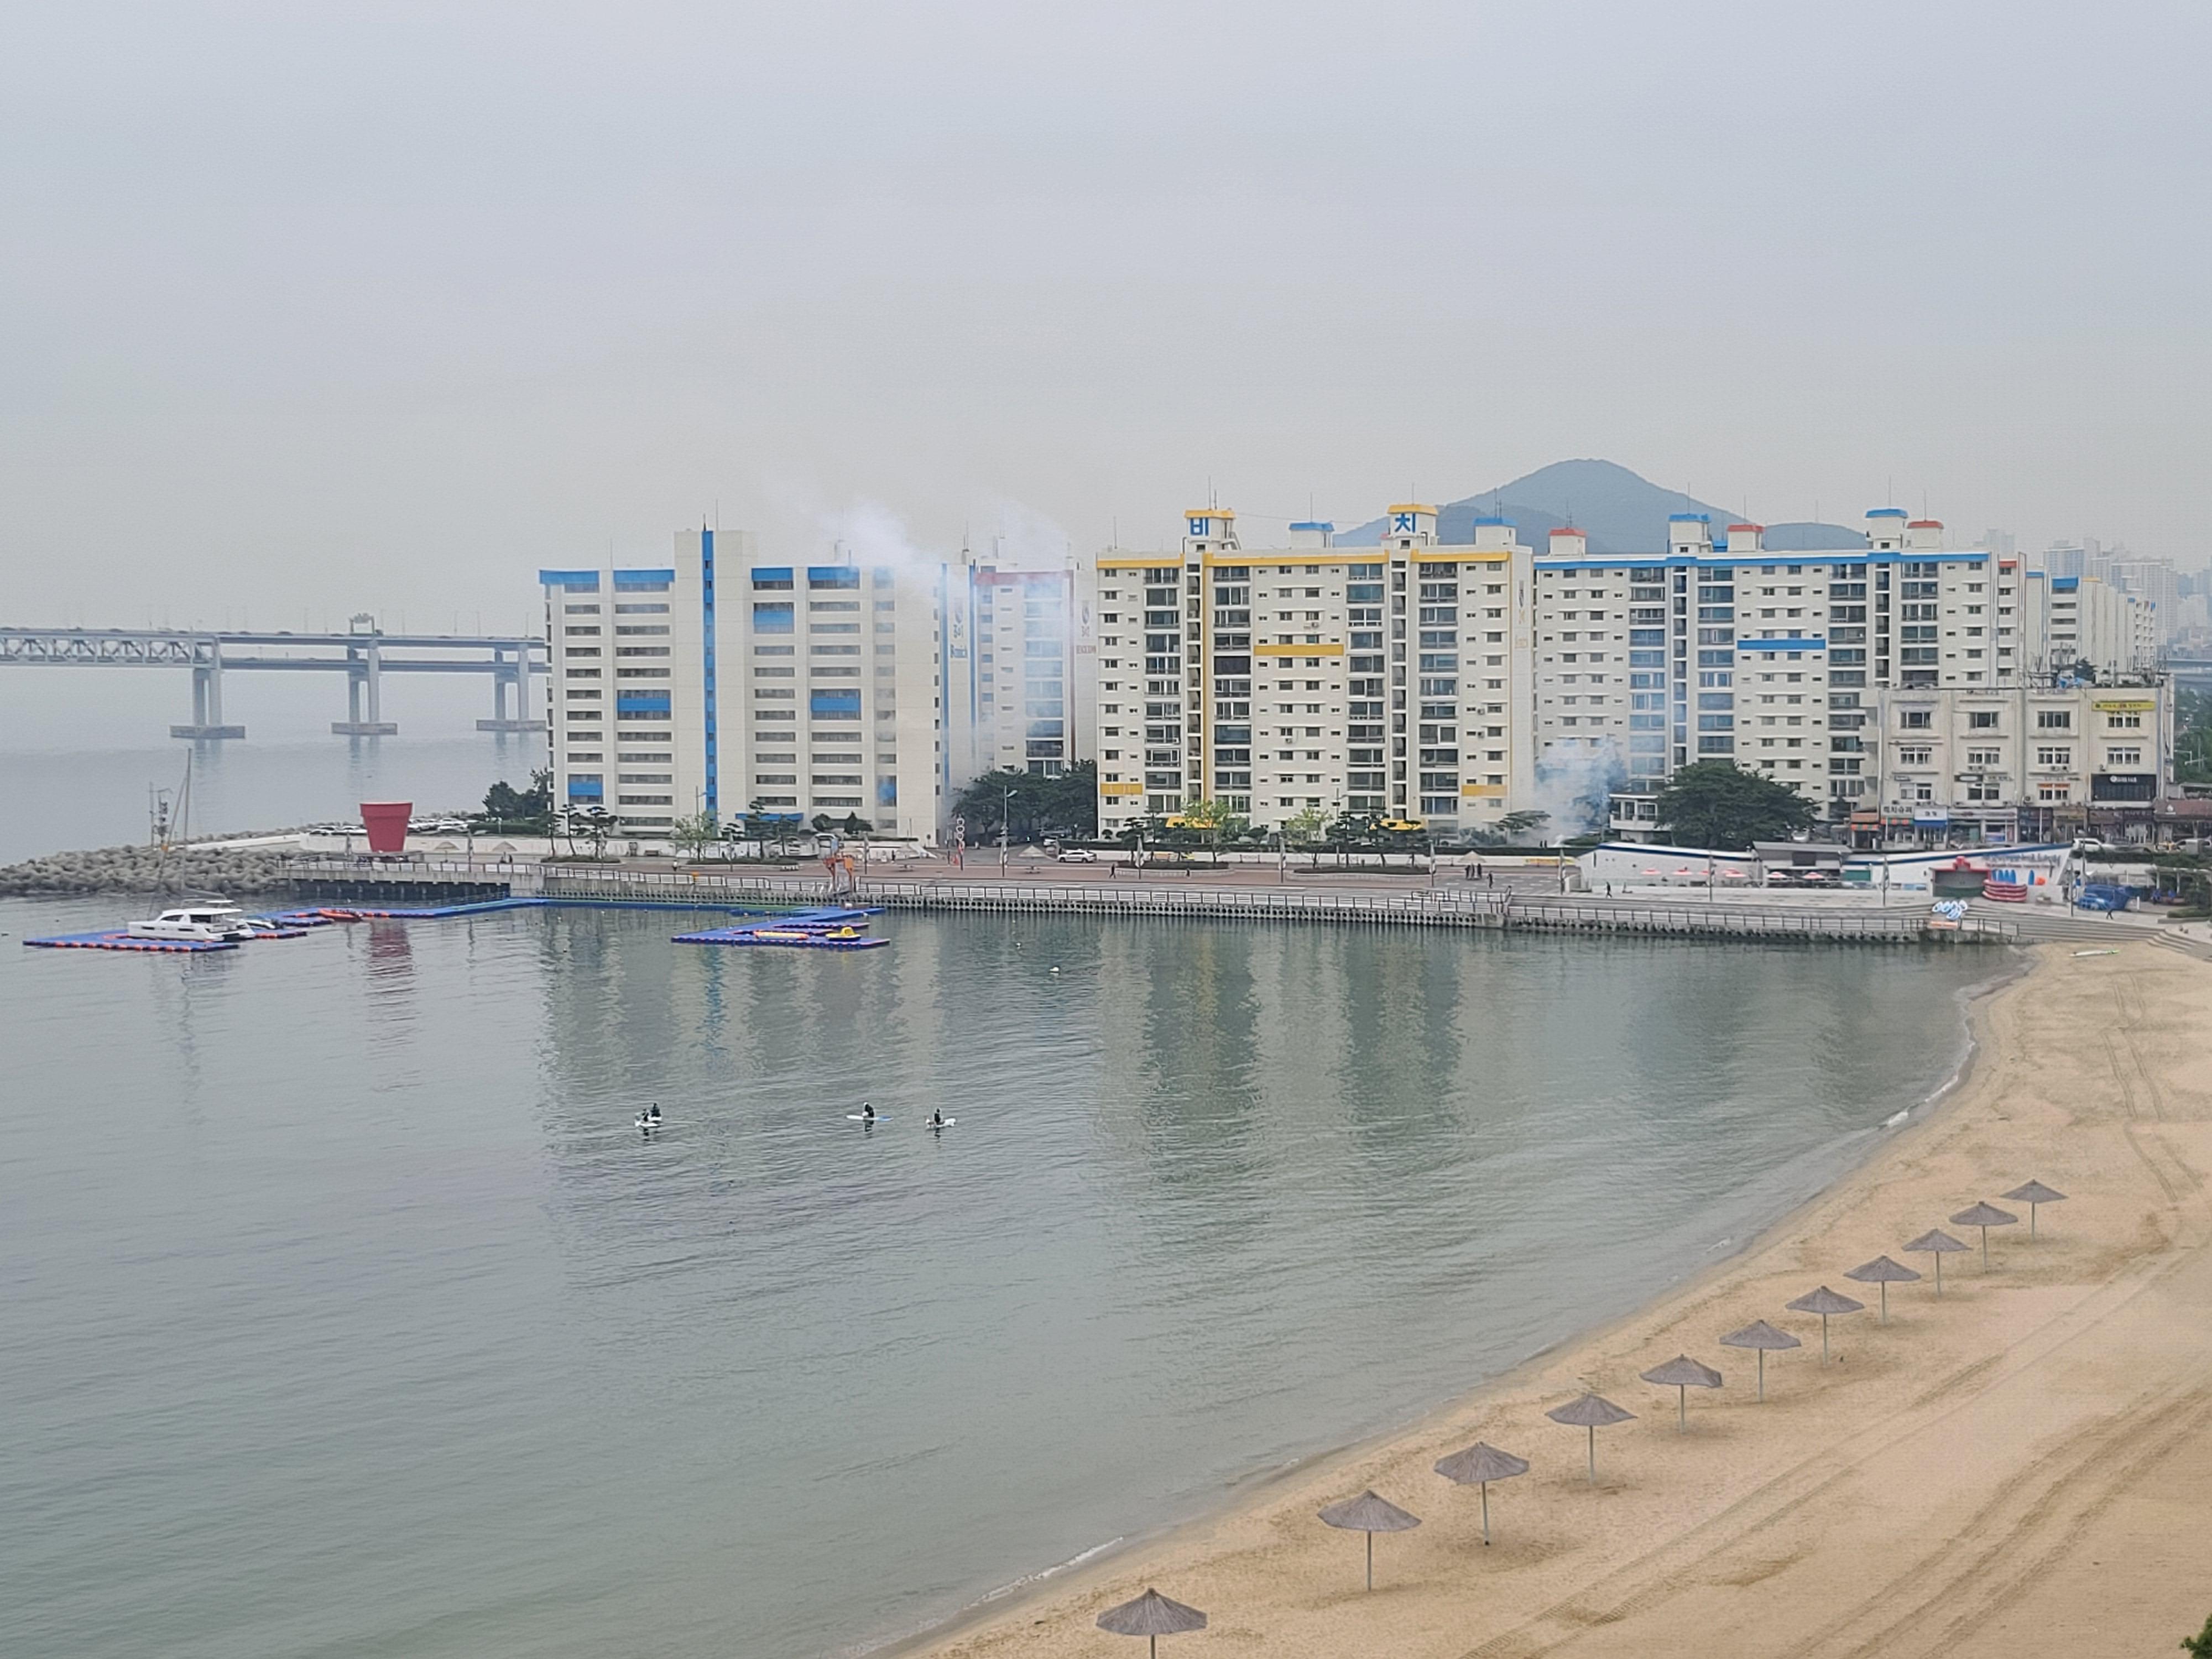 Kylantys 'dūmai' - tai dezinfekcija Pusano Kvangalio paplūdimio rajone